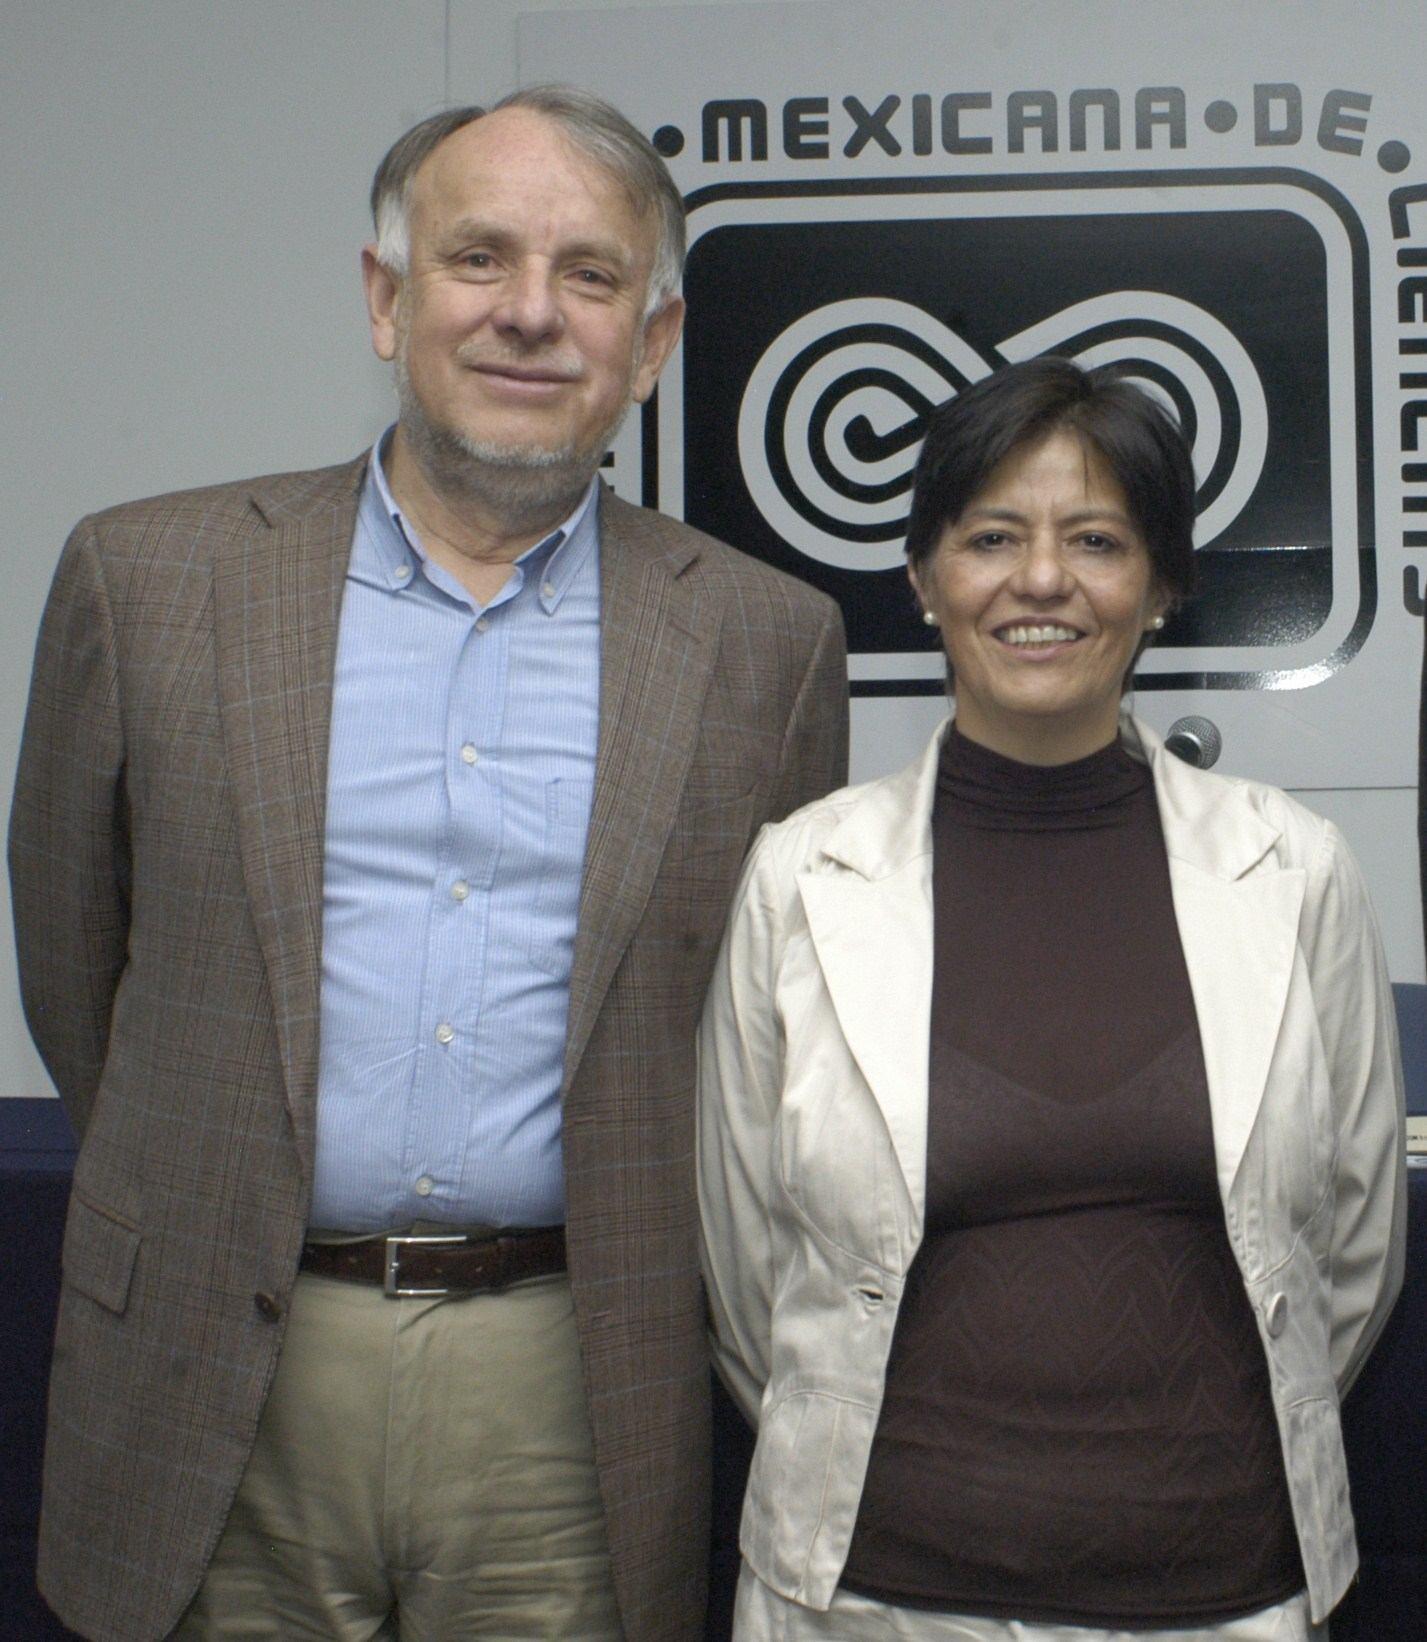 El Dr. Arturo Menchaca Rocha y la Dra. Blanca Jiménez Cisneros.